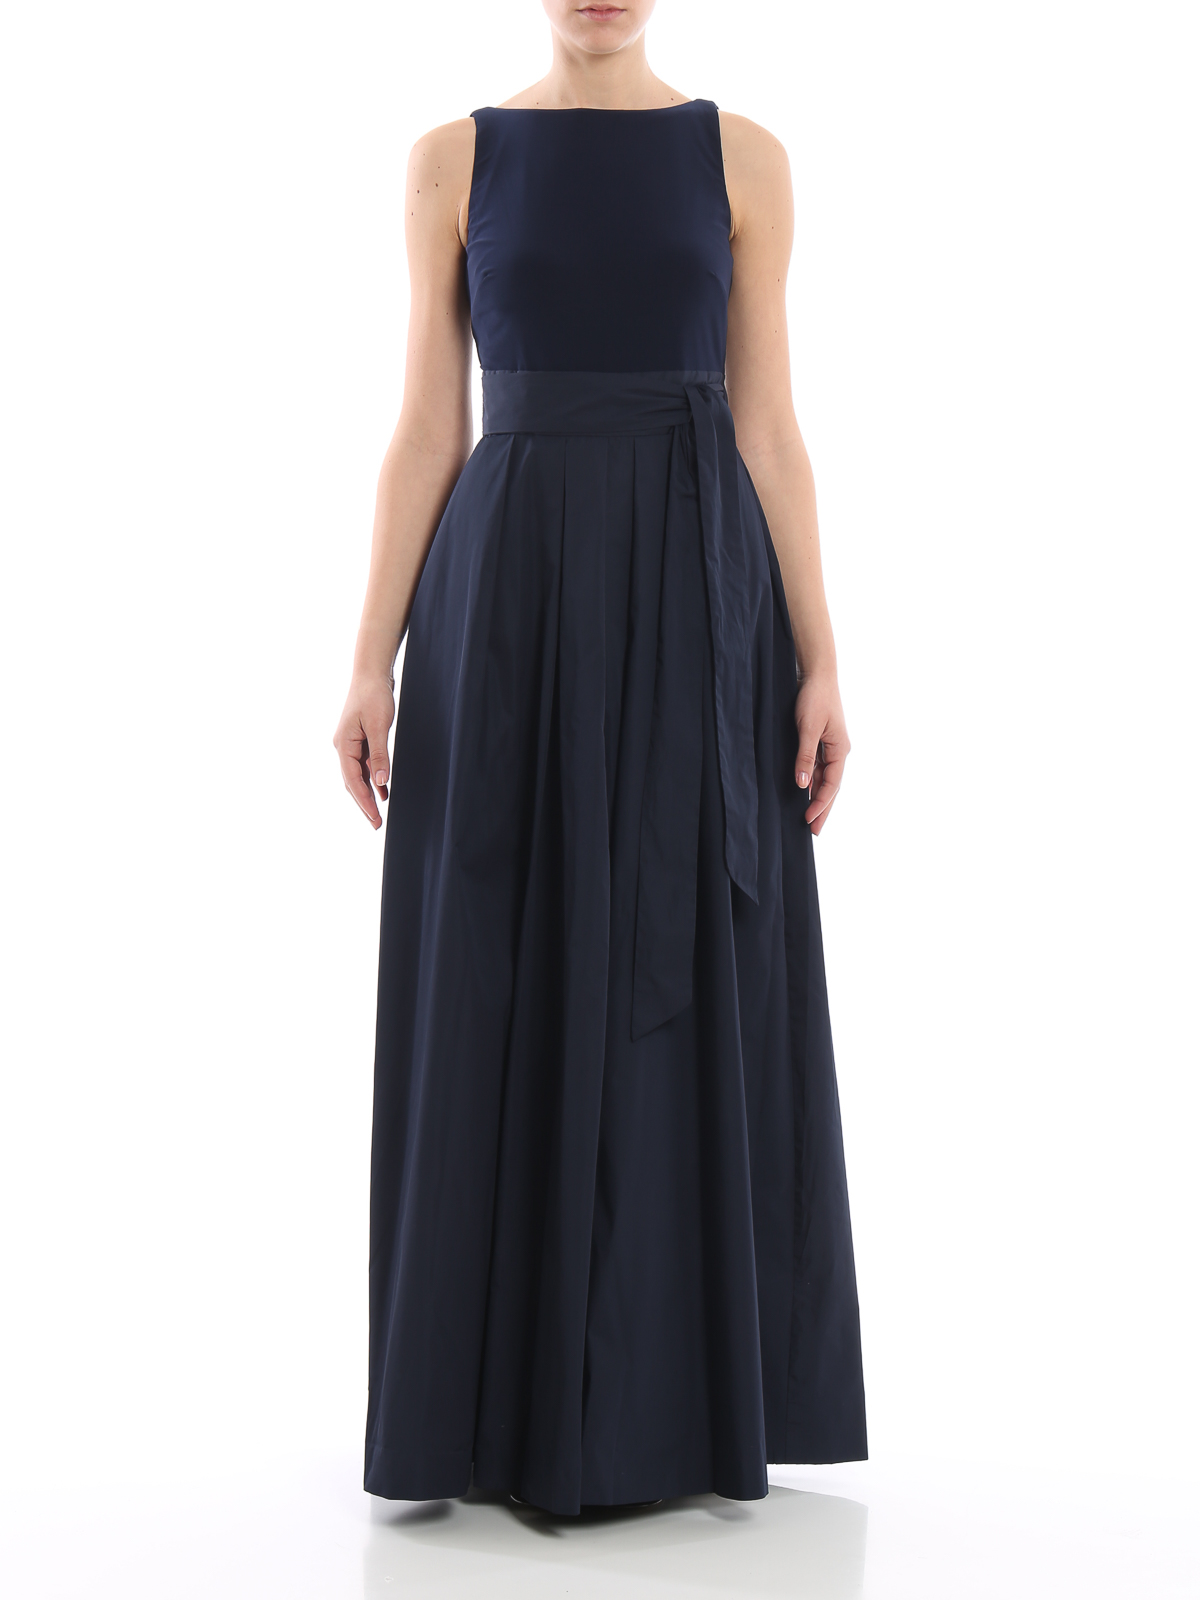 dessin de mode le prix reste stable france pas cher vente Lauren Ralph Lauren - Robe De Soirée - Agni - Robes de ...